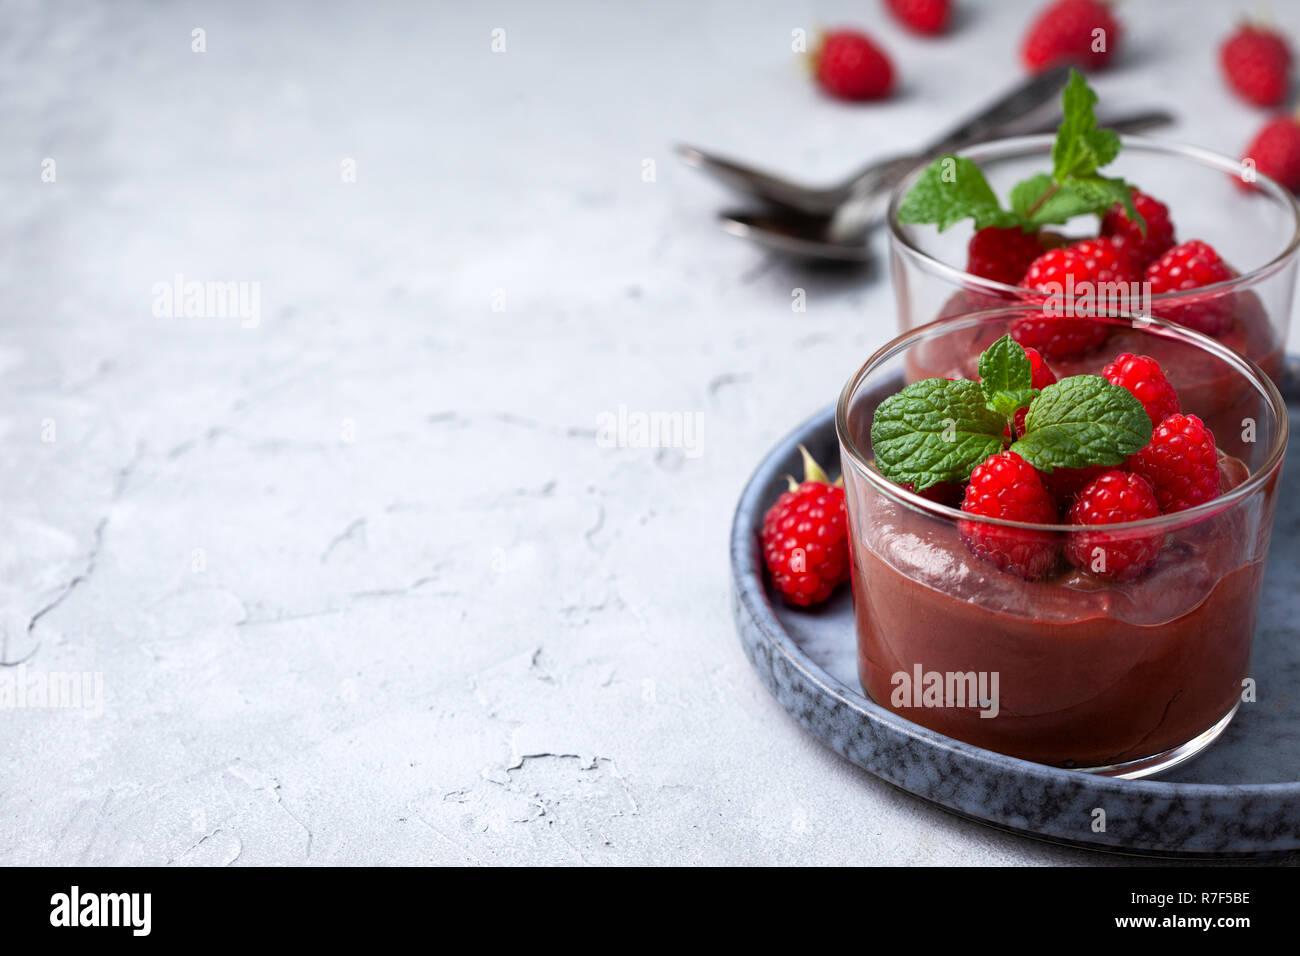 Mousse Au Chocolat Mit Himbeeren Im Glas Servieren Gläser Auf Grauem